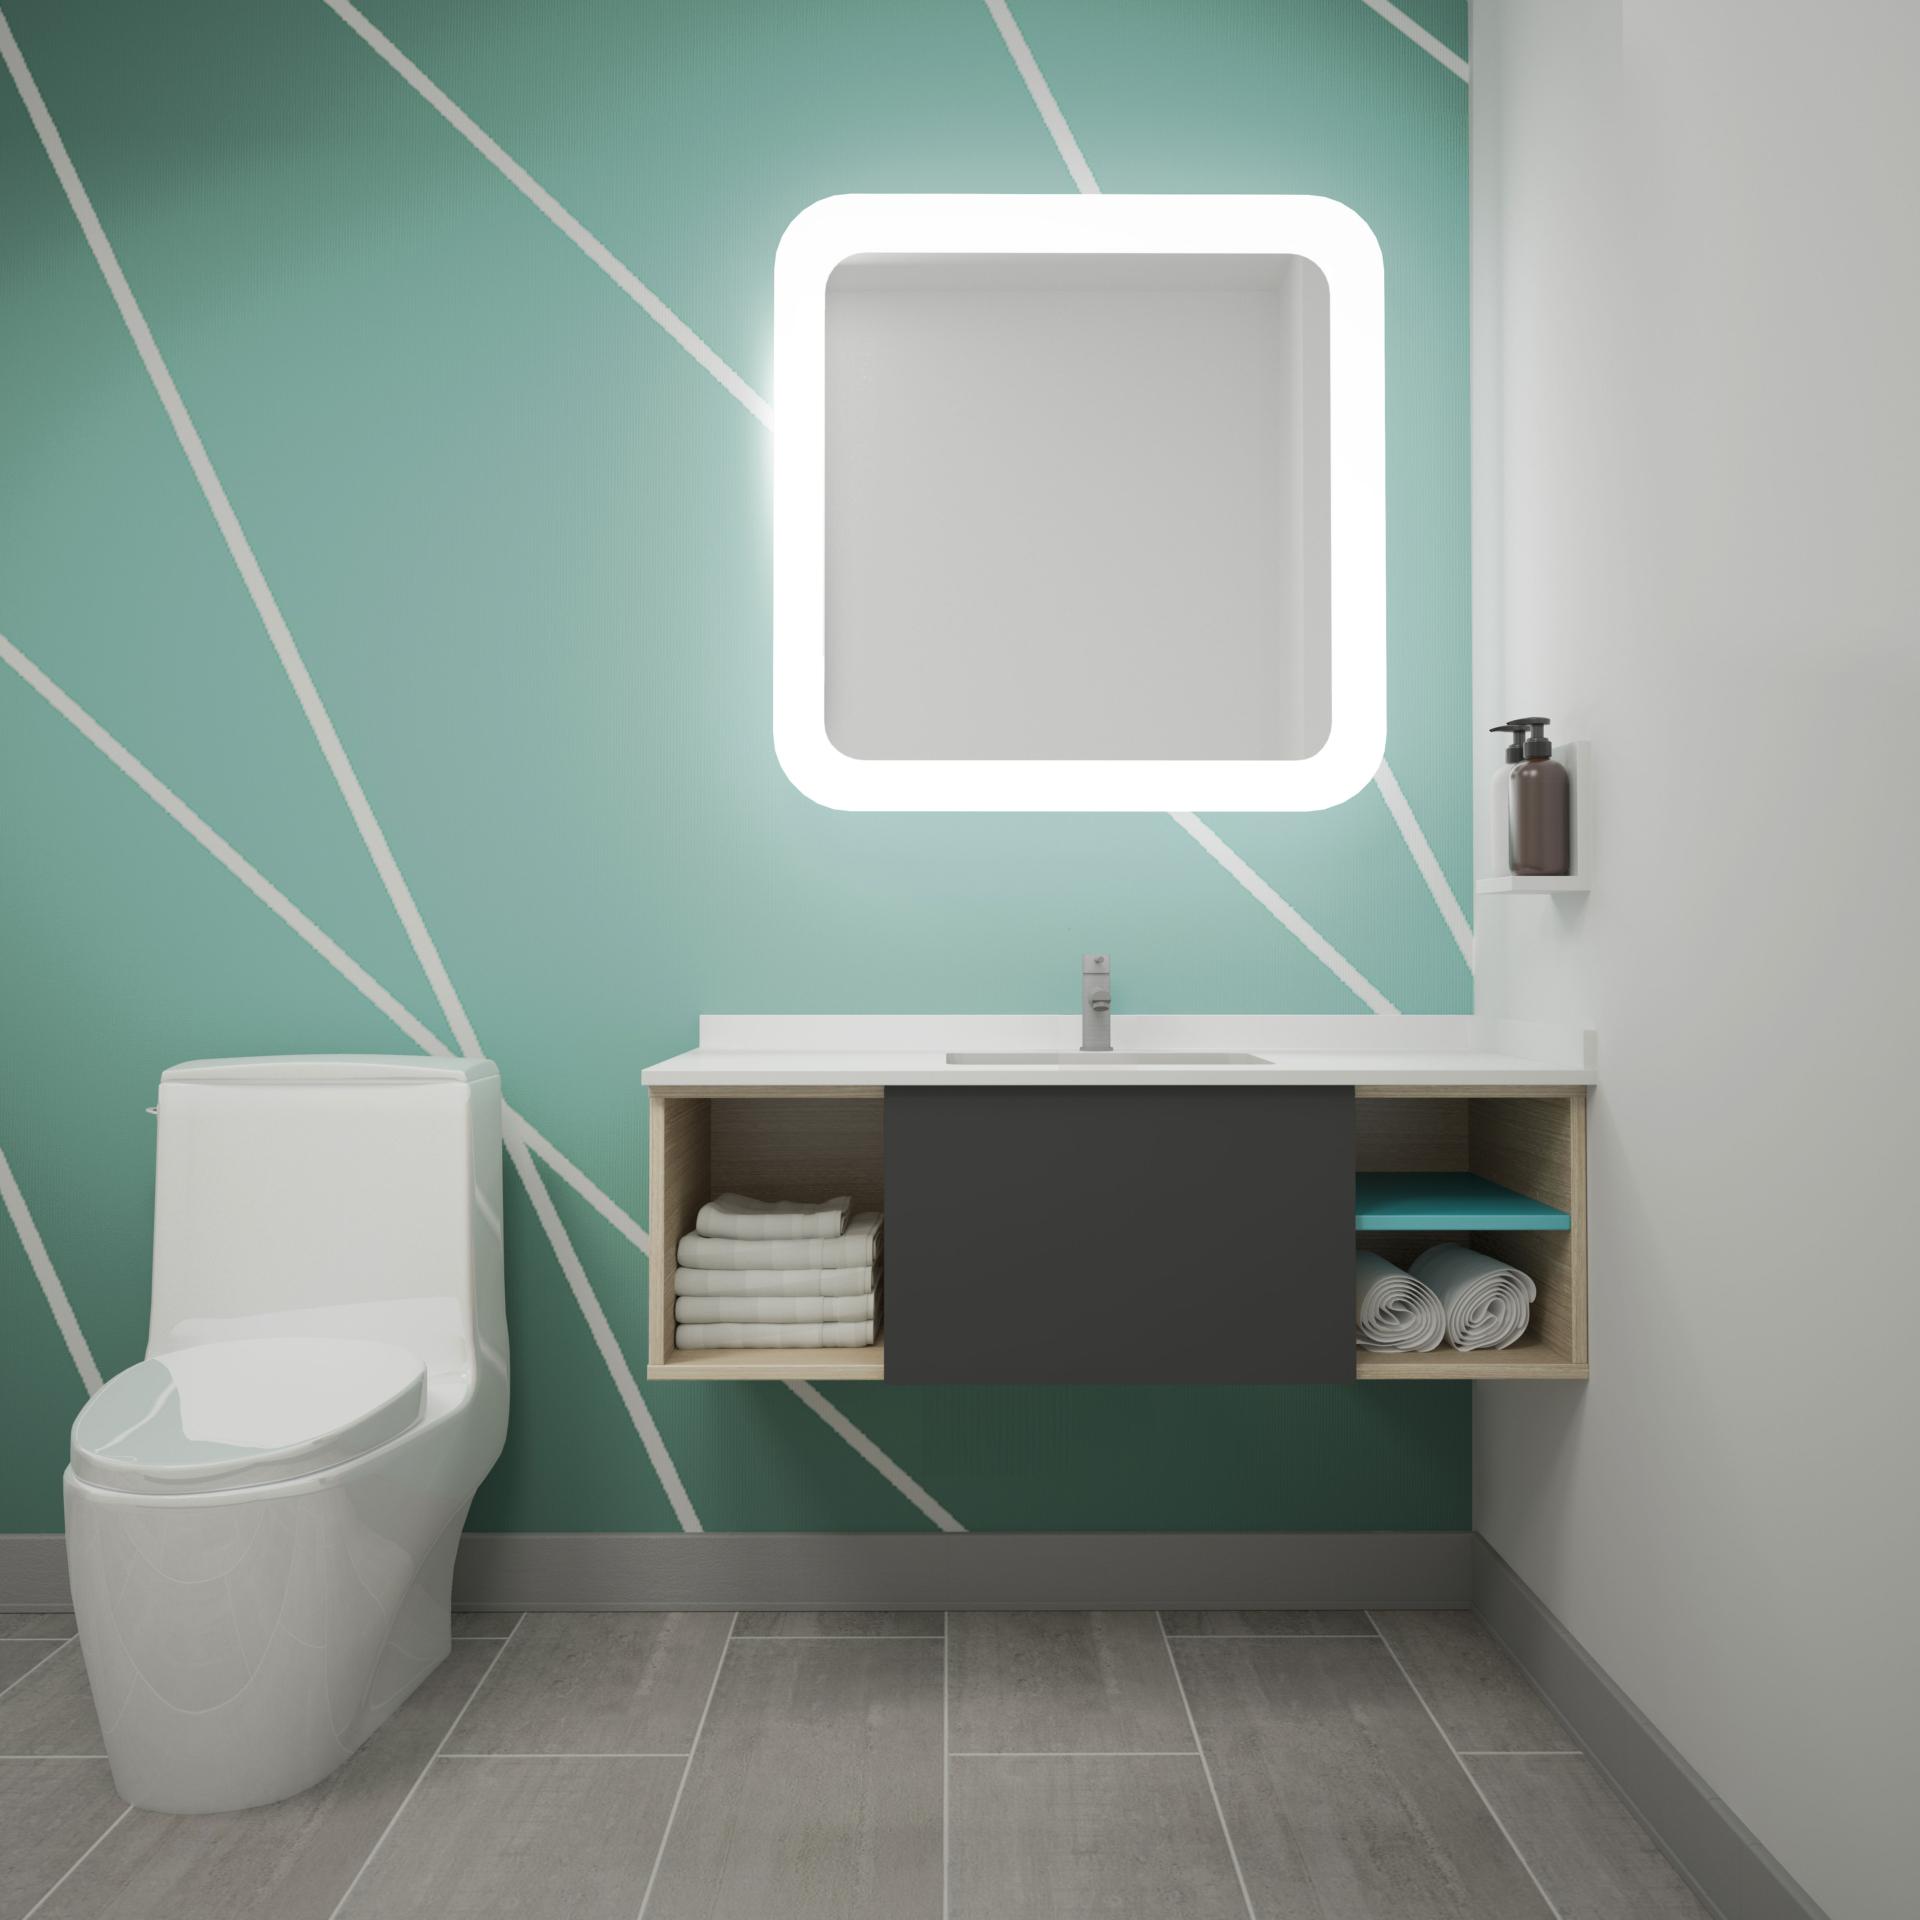 avid Hotels bathroom